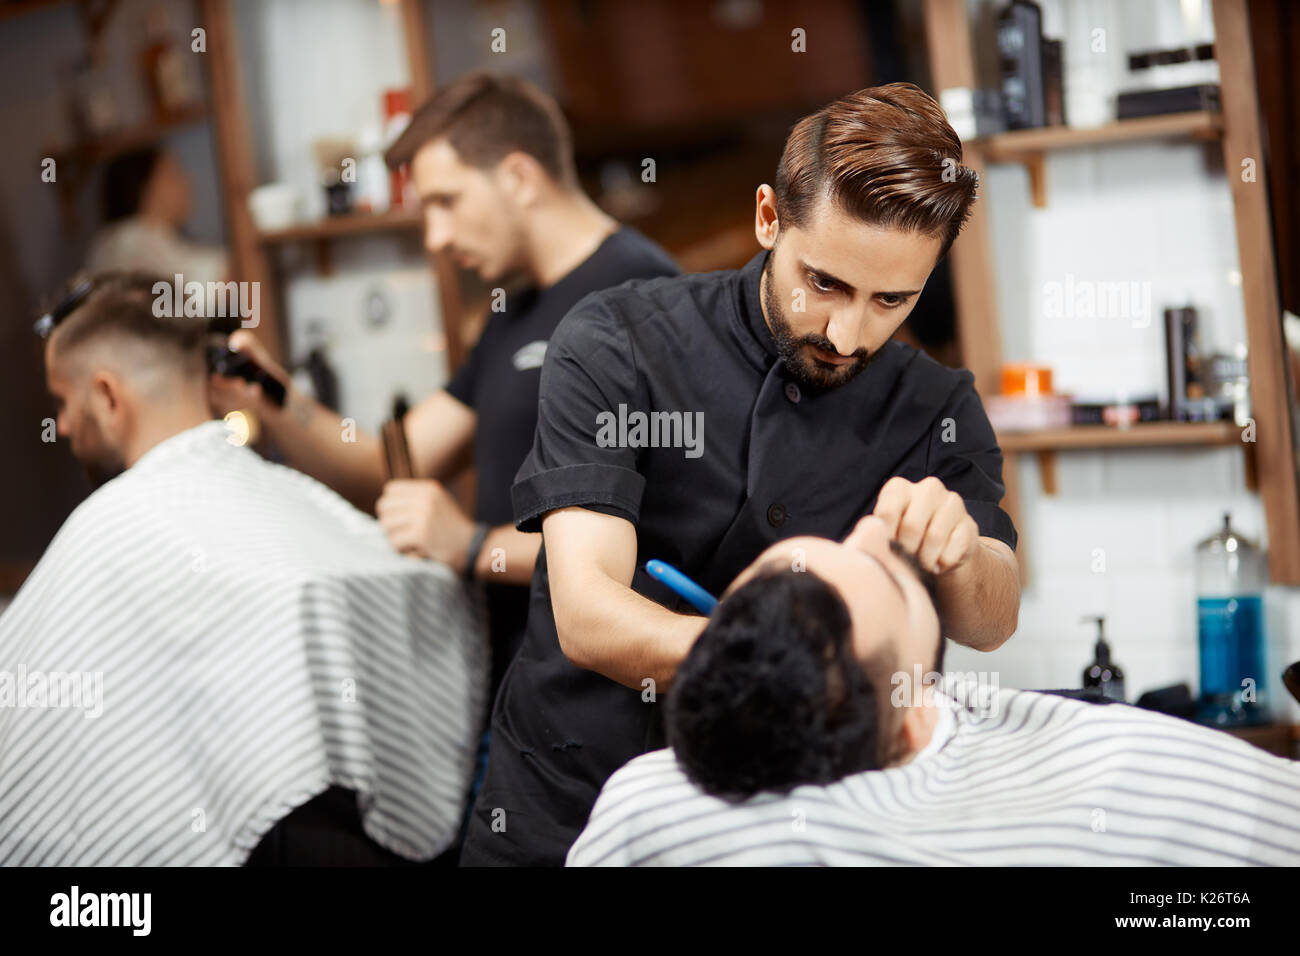 Peluquería en negro cortando el pan para brunet hombre. Foto de stock